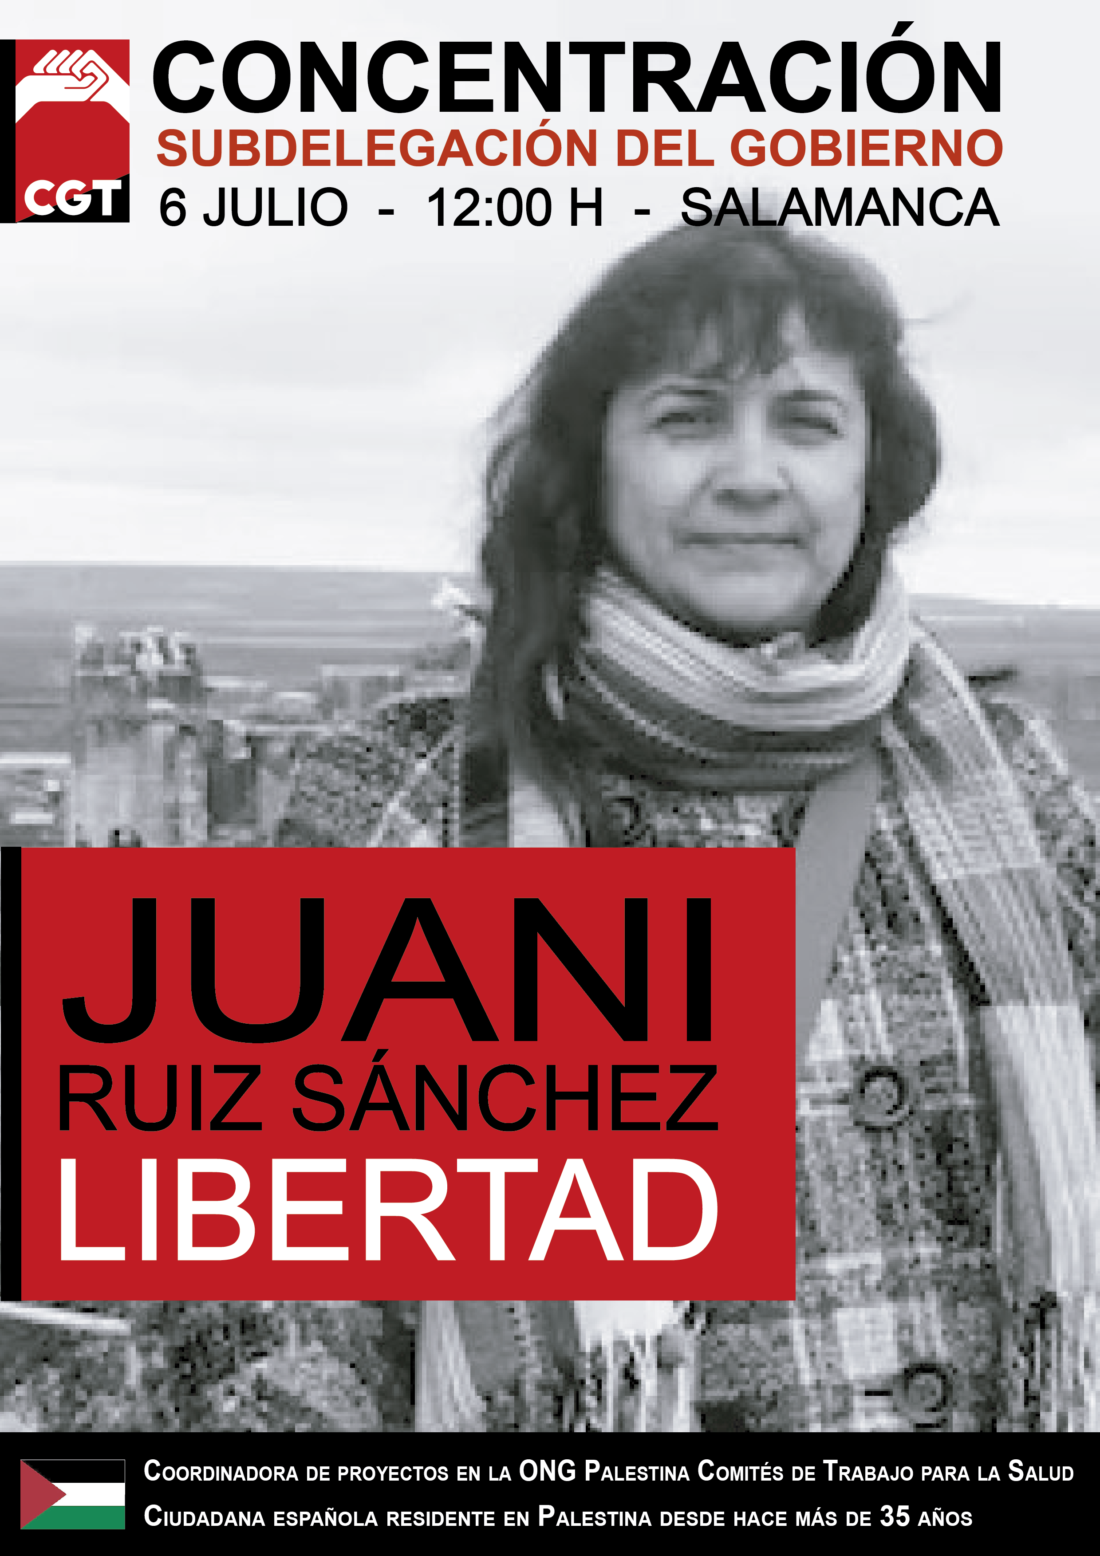 6-J Concentración: Libertad para Juana Ruiz Sánchez